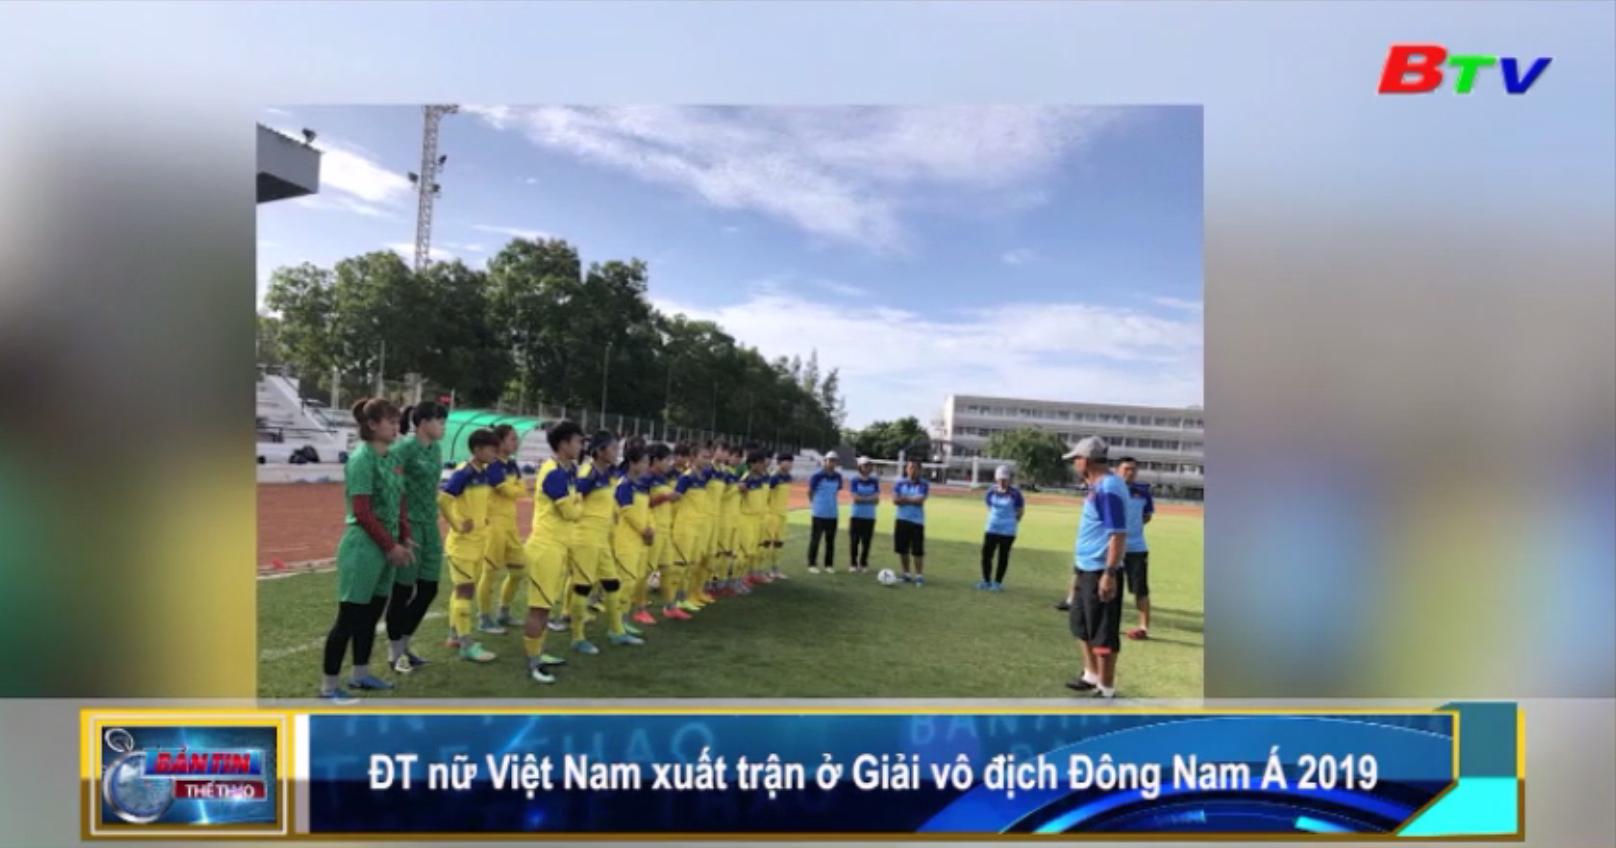 ĐT nữ Việt Nam xuất trận ở Giải vô địch Đông Nam Á 2019